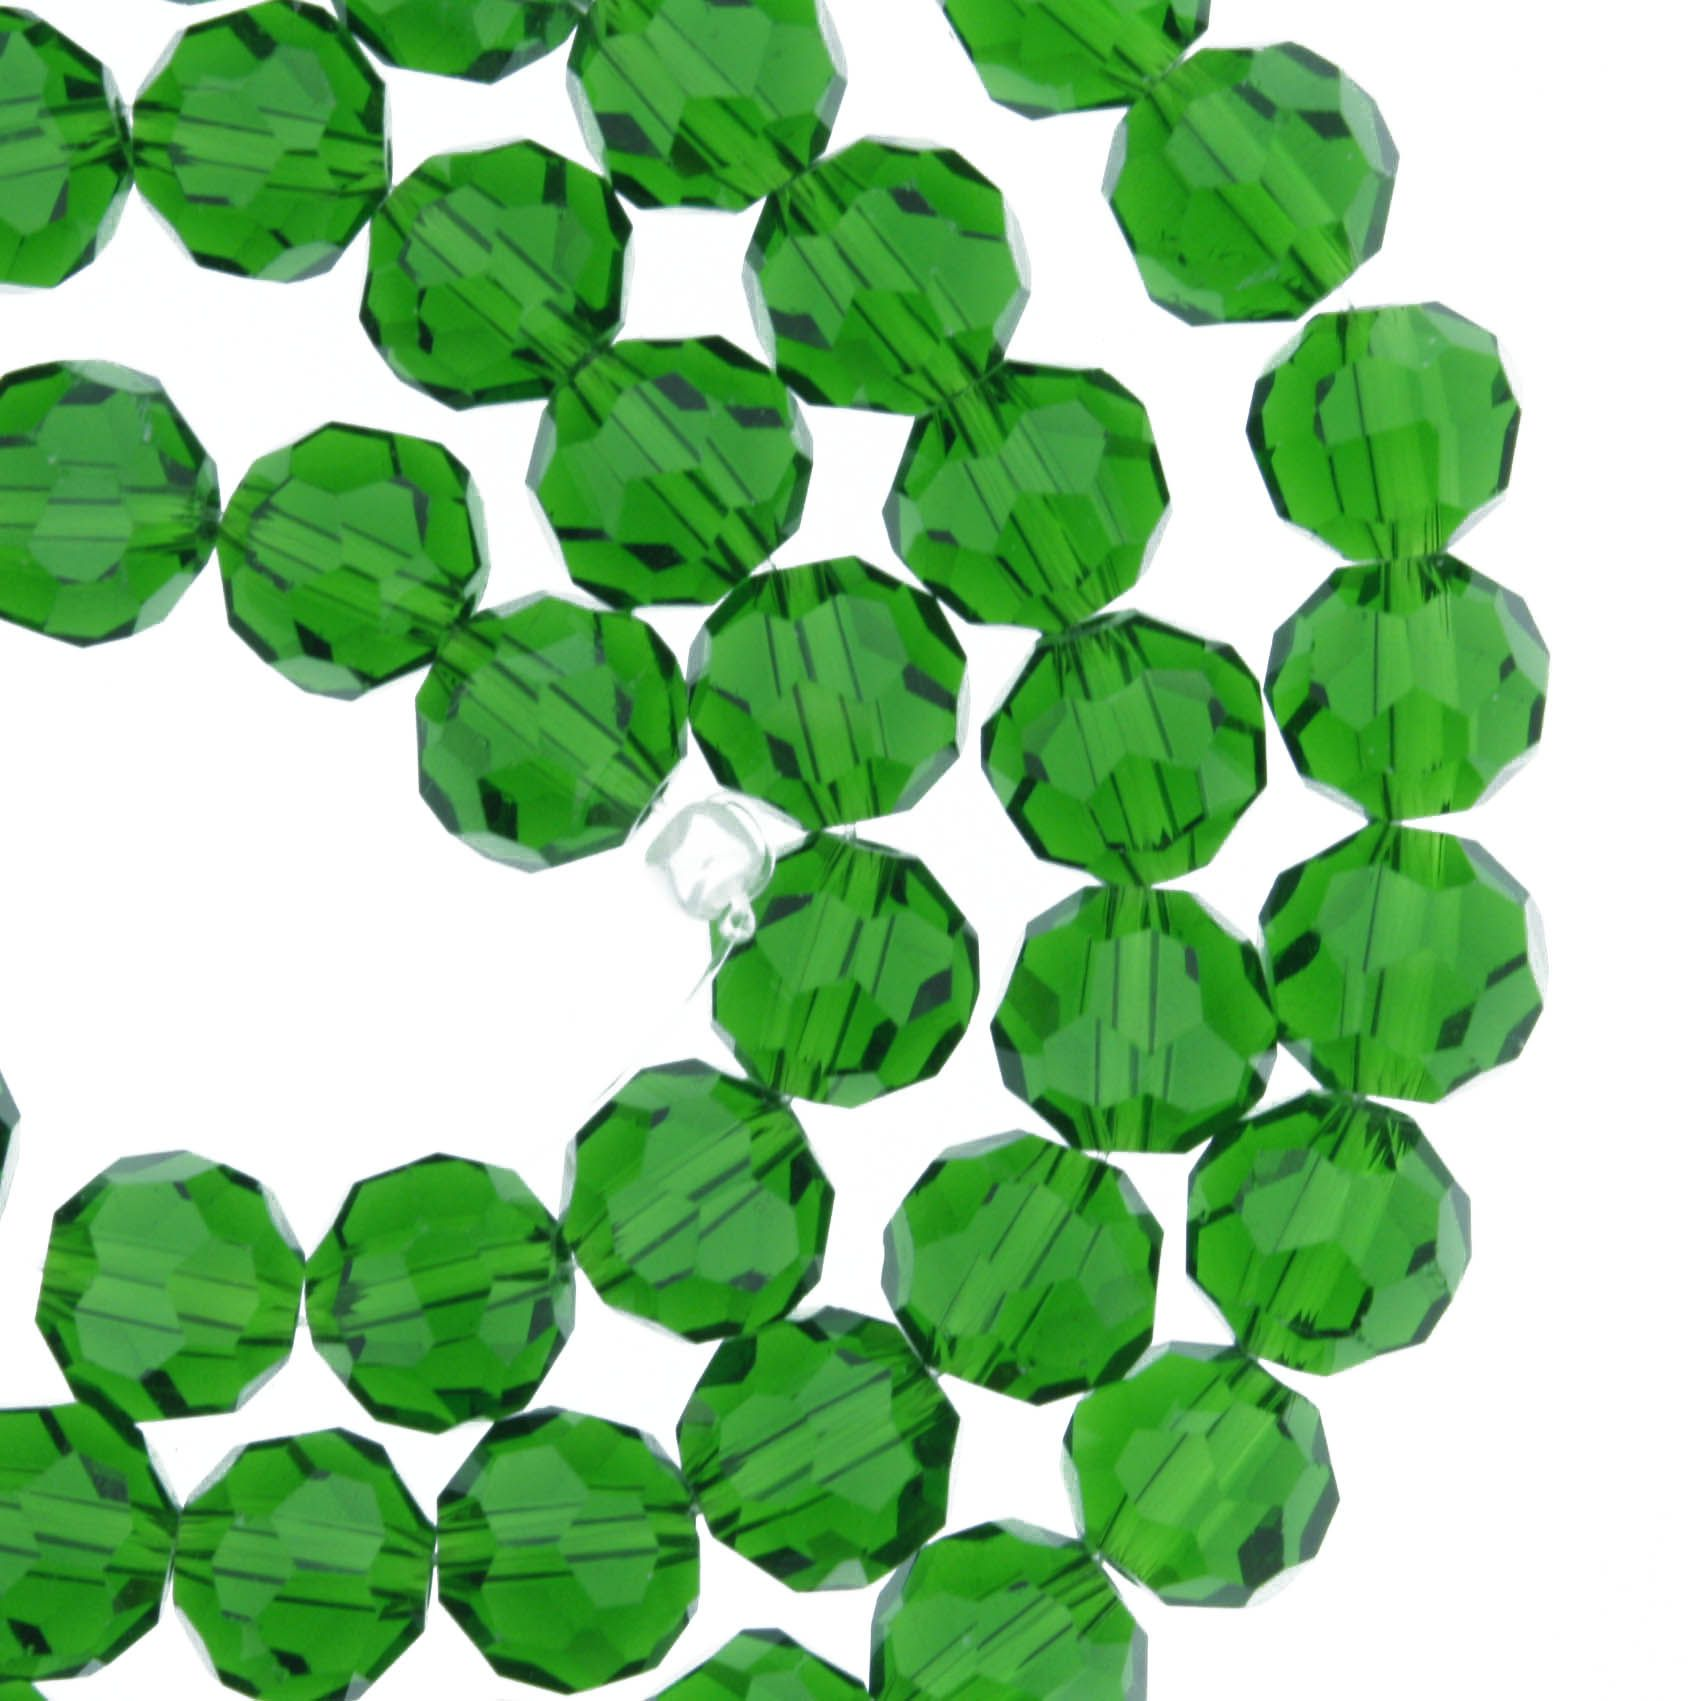 Fio de Cristal - Premium® - Verde Escuro Transparente - 8mm  - Stéphanie Bijoux® - Peças para Bijuterias e Artesanato